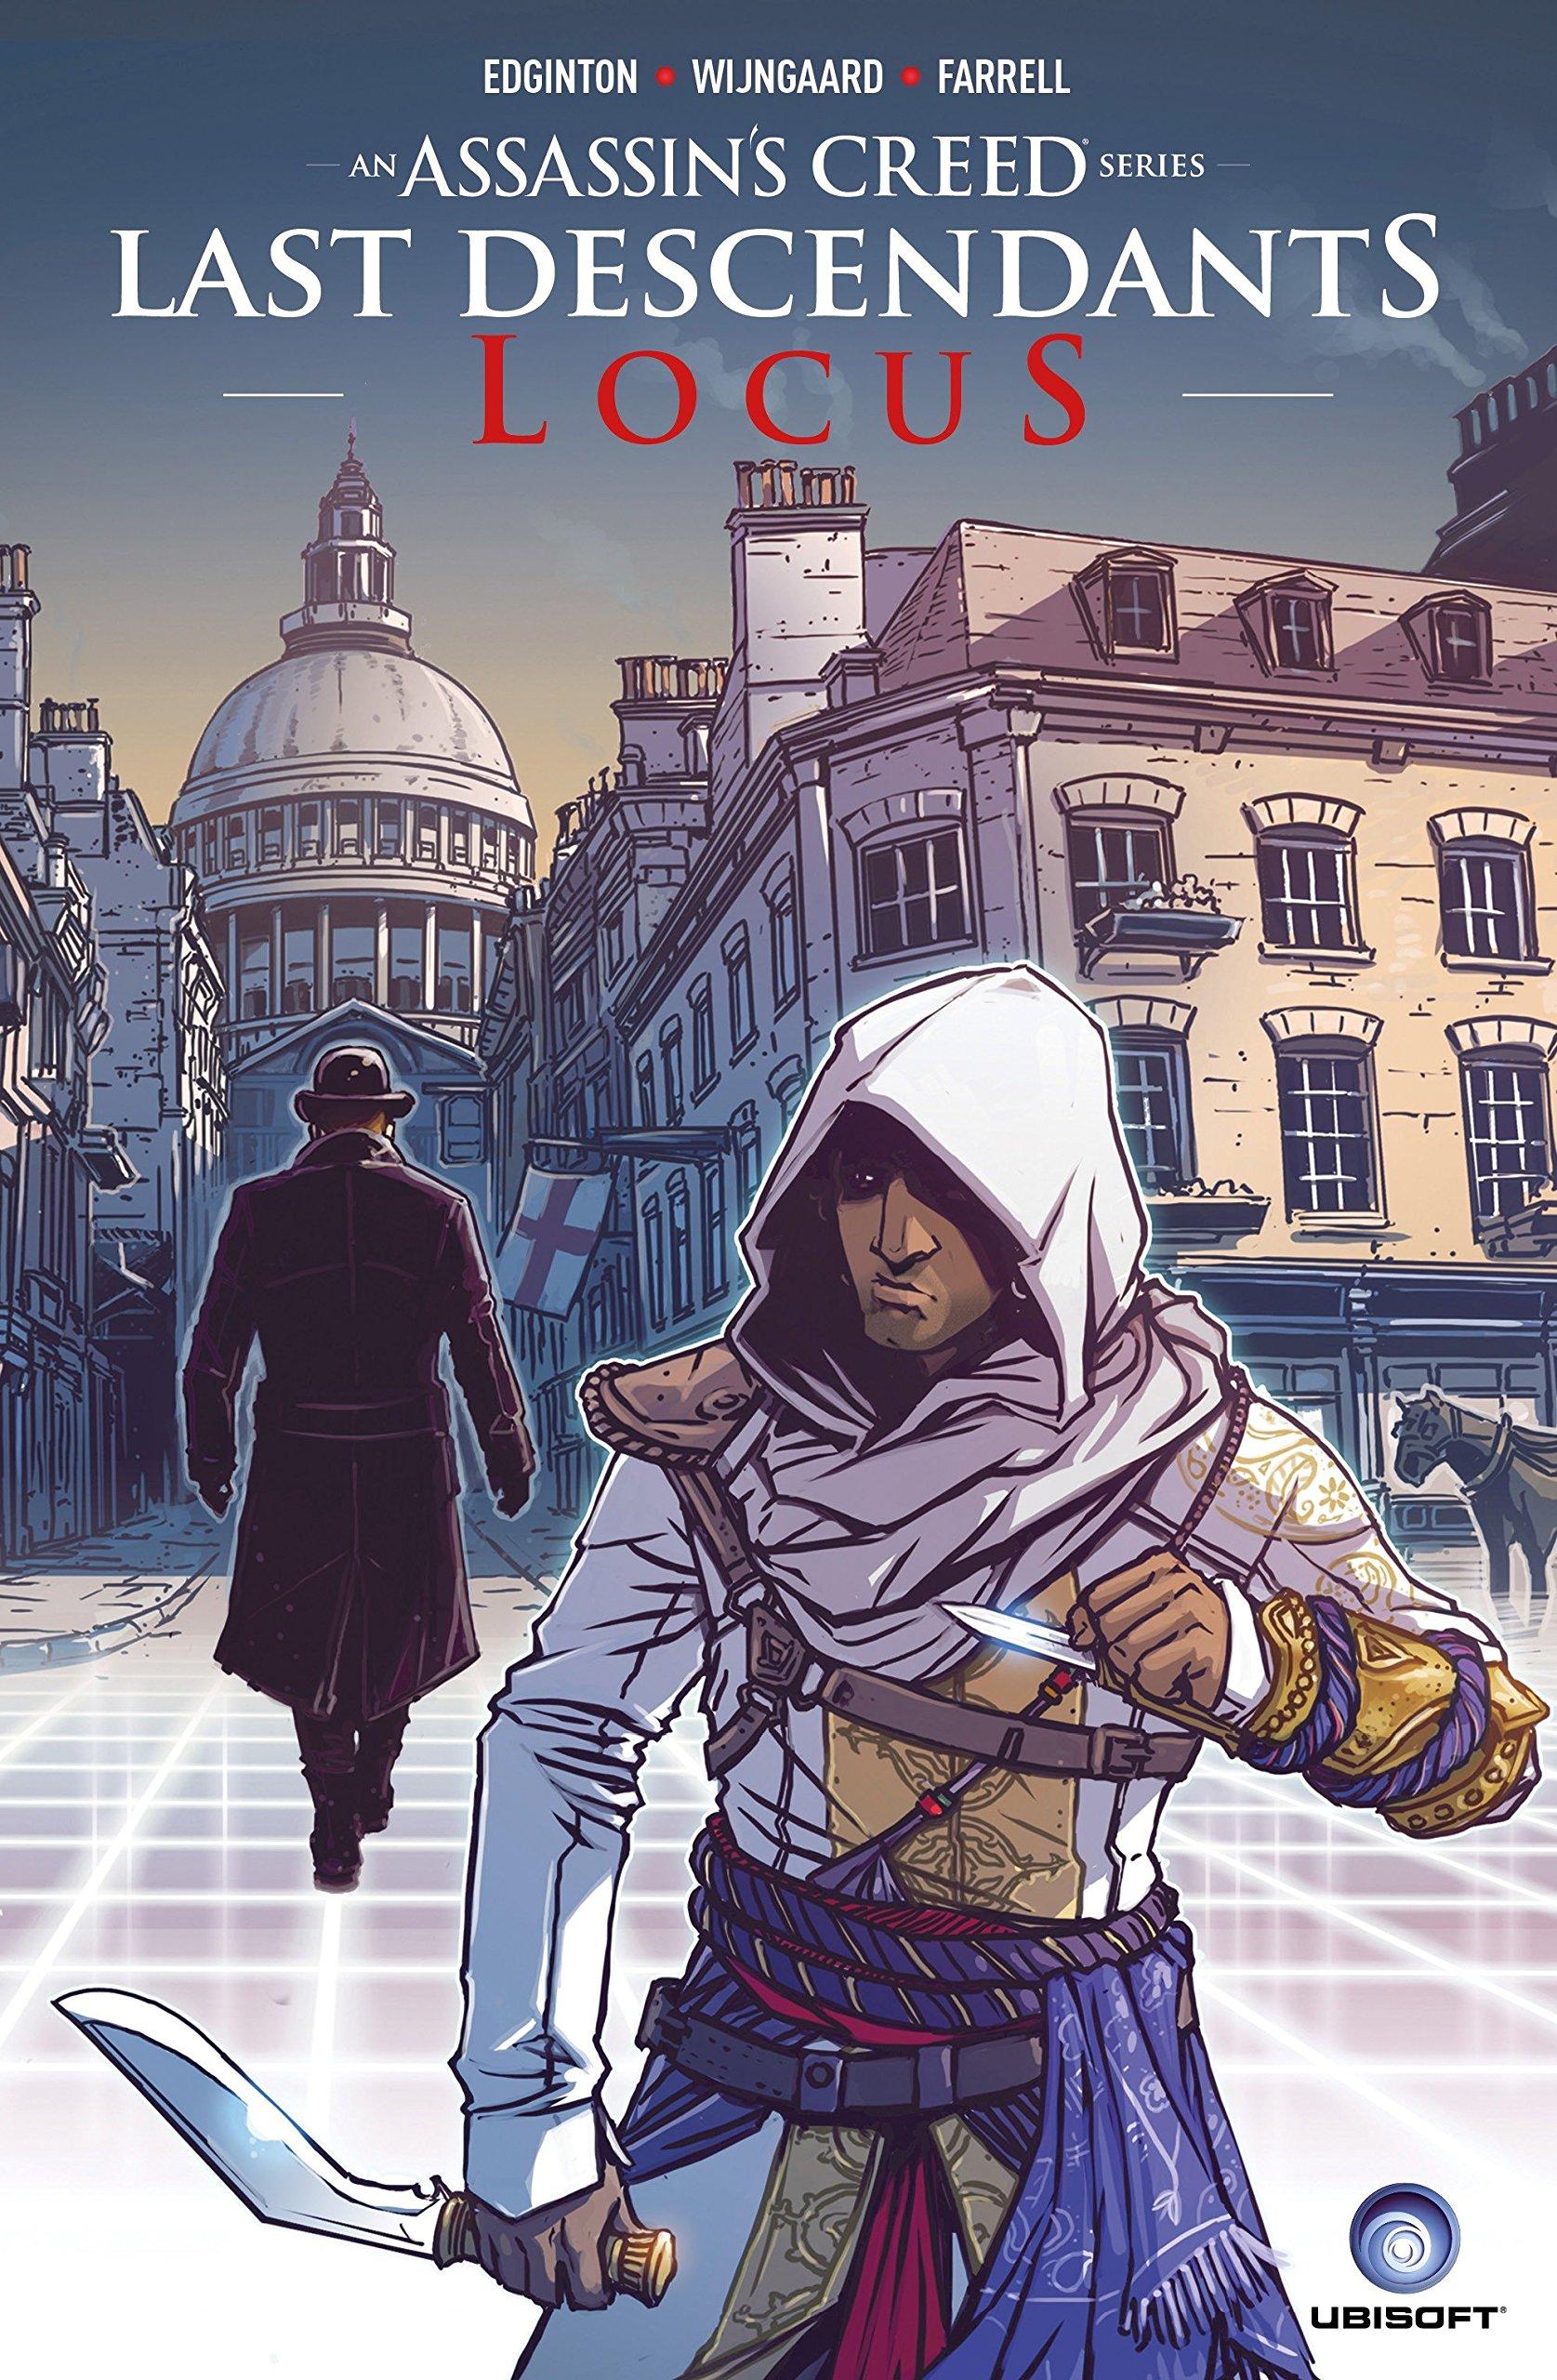 Amazon.com: Assassin's Creed: LOCUS (9781782763130): Ian Edginton, Caspar  Wijngaard, Triona Farrell: Books